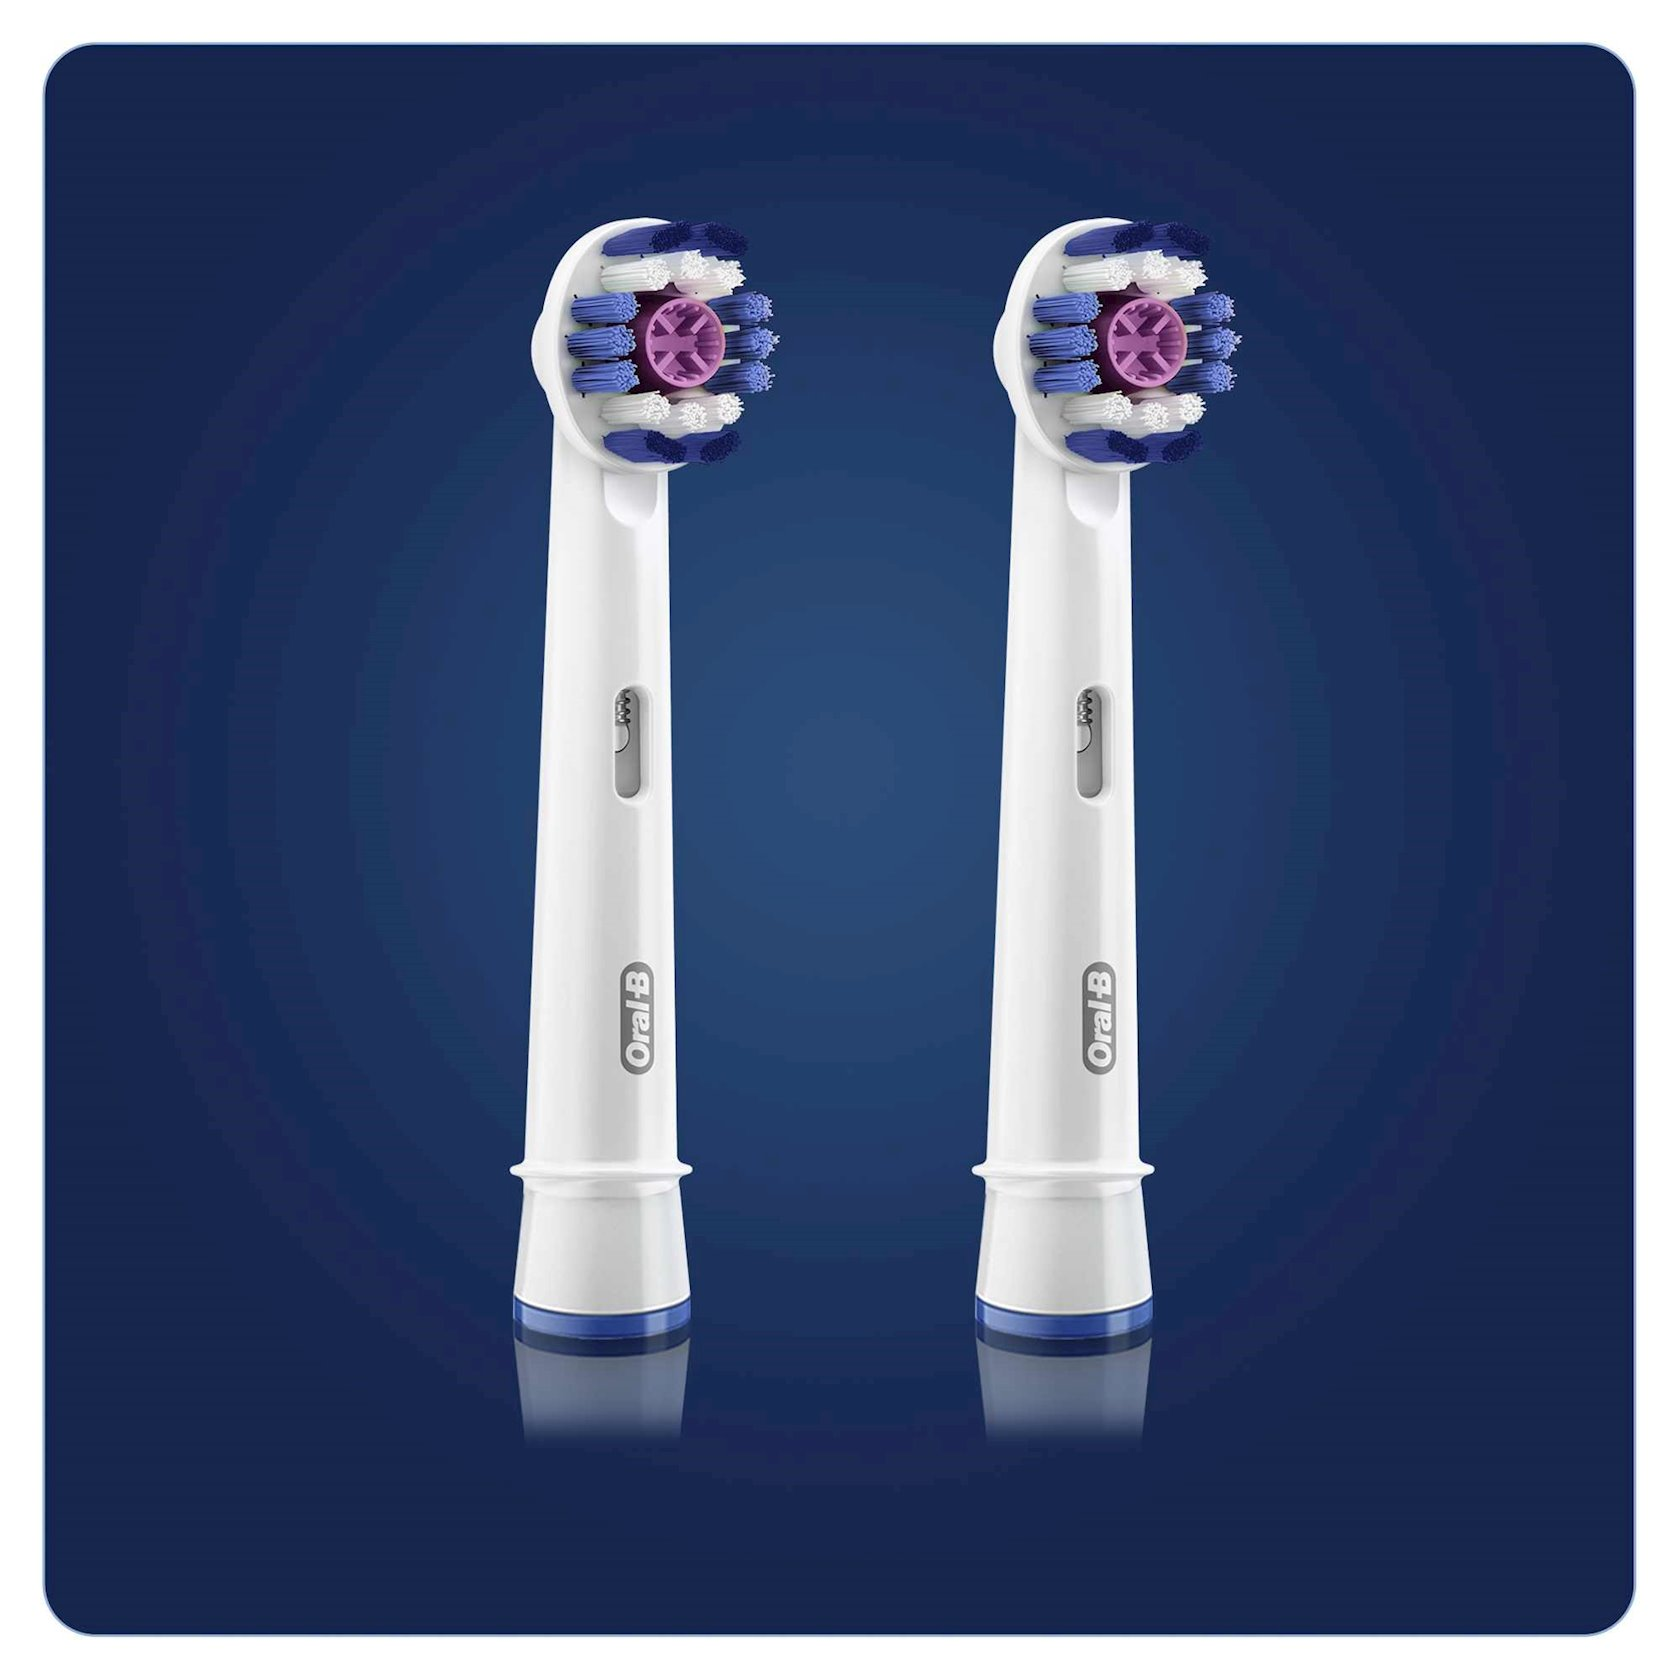 Elektrik diş fırçası üçün dəyişilən taxmalar Oral-B 3D White, 2 əd.